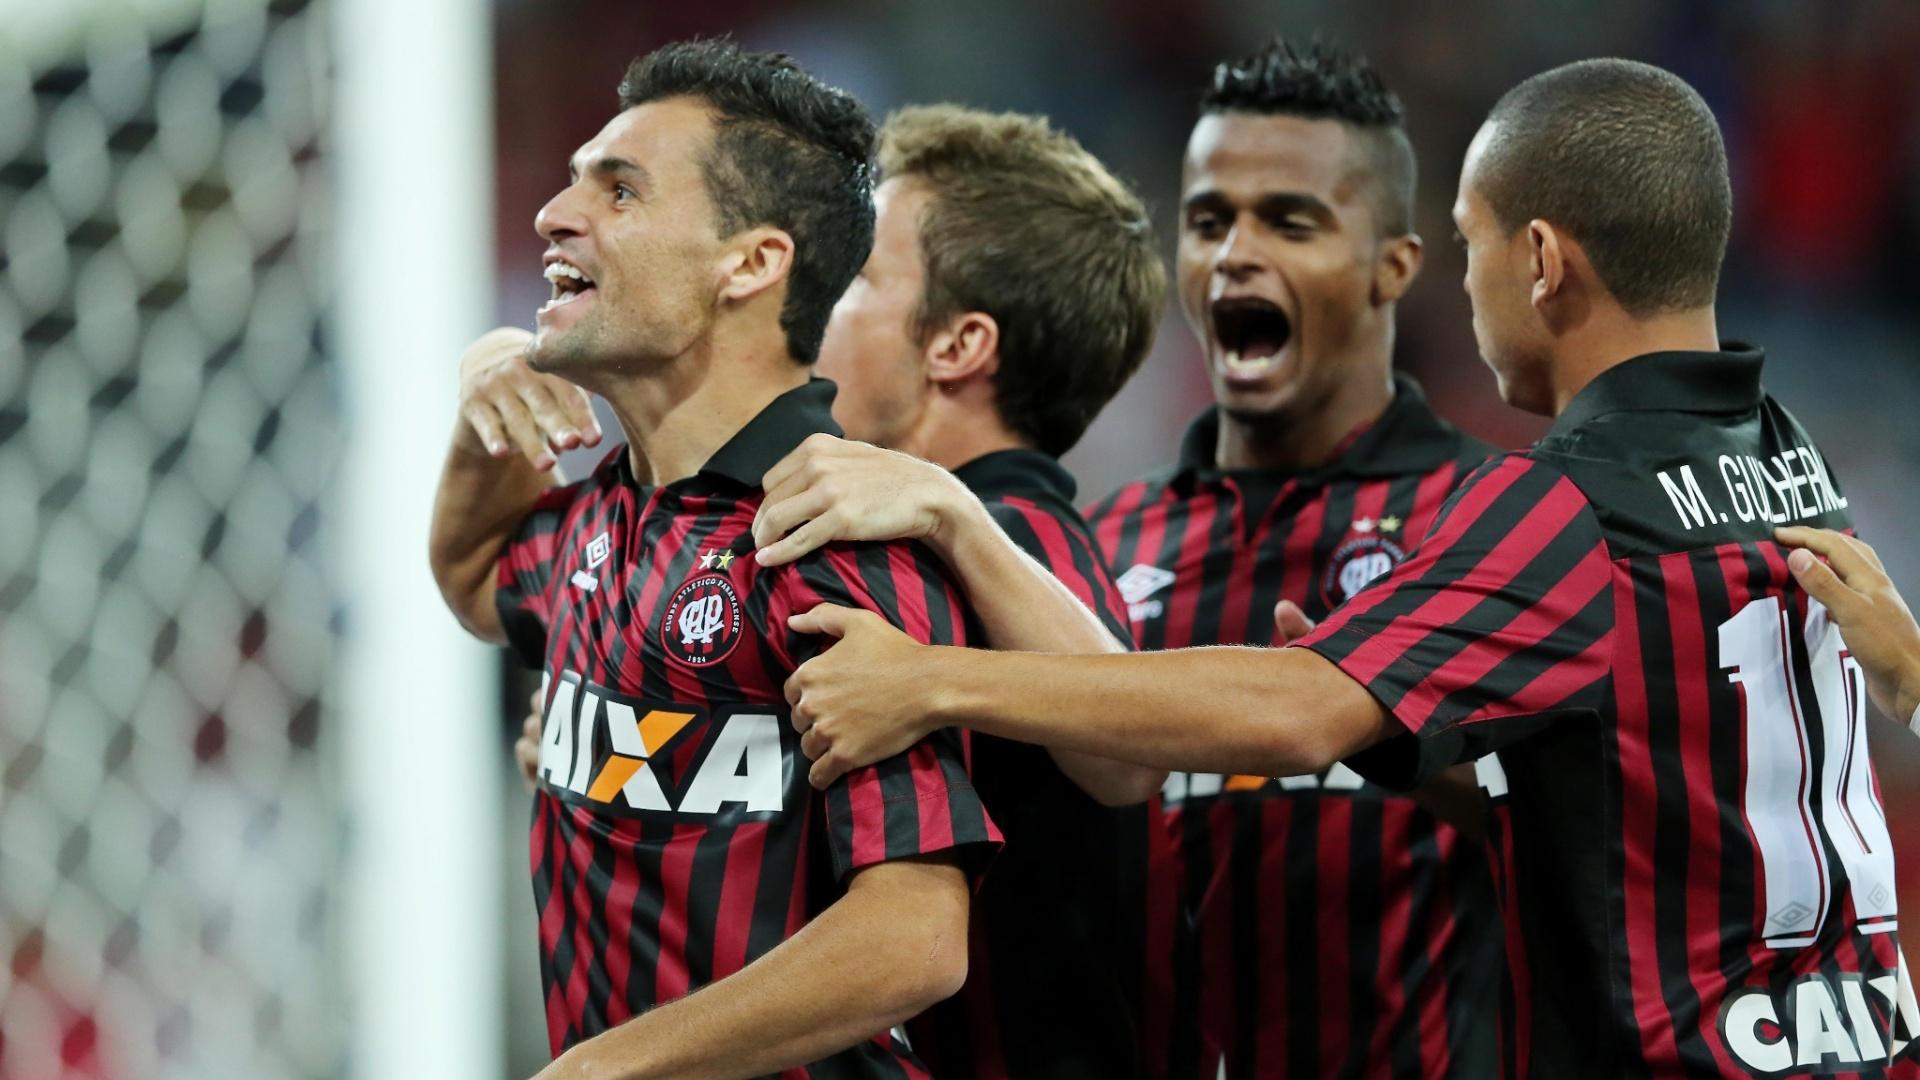 Jogadores do Atlético-PR comemoram gol contra o Atlético-MG pelo Campeonato Brasileiro